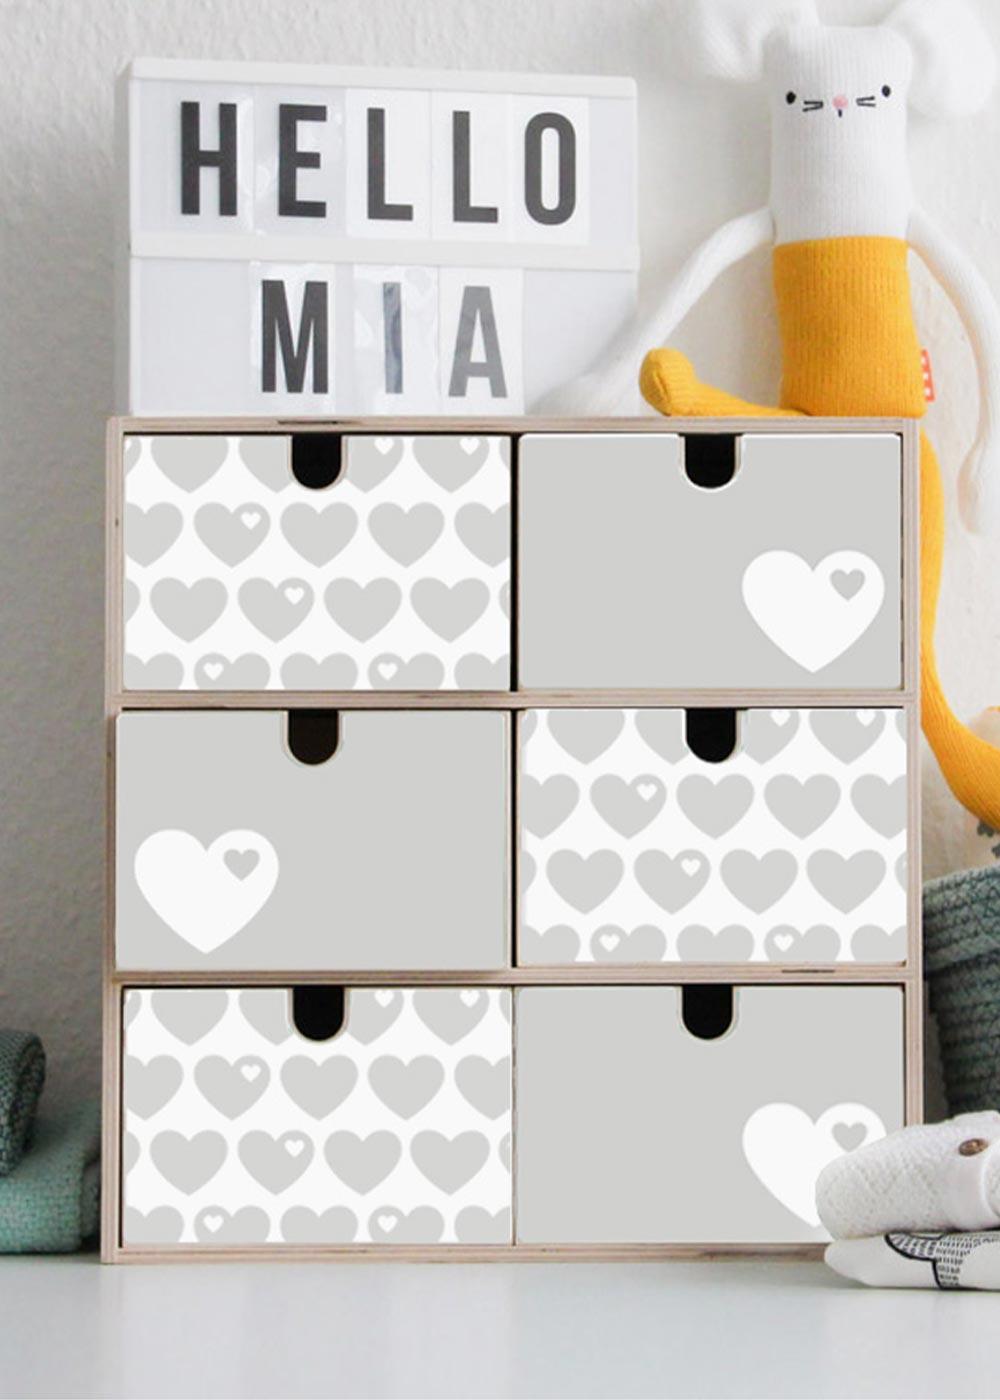 Klebefolie ByGraziela Mini Moppe grau Herz Einrichtungsbeispiel